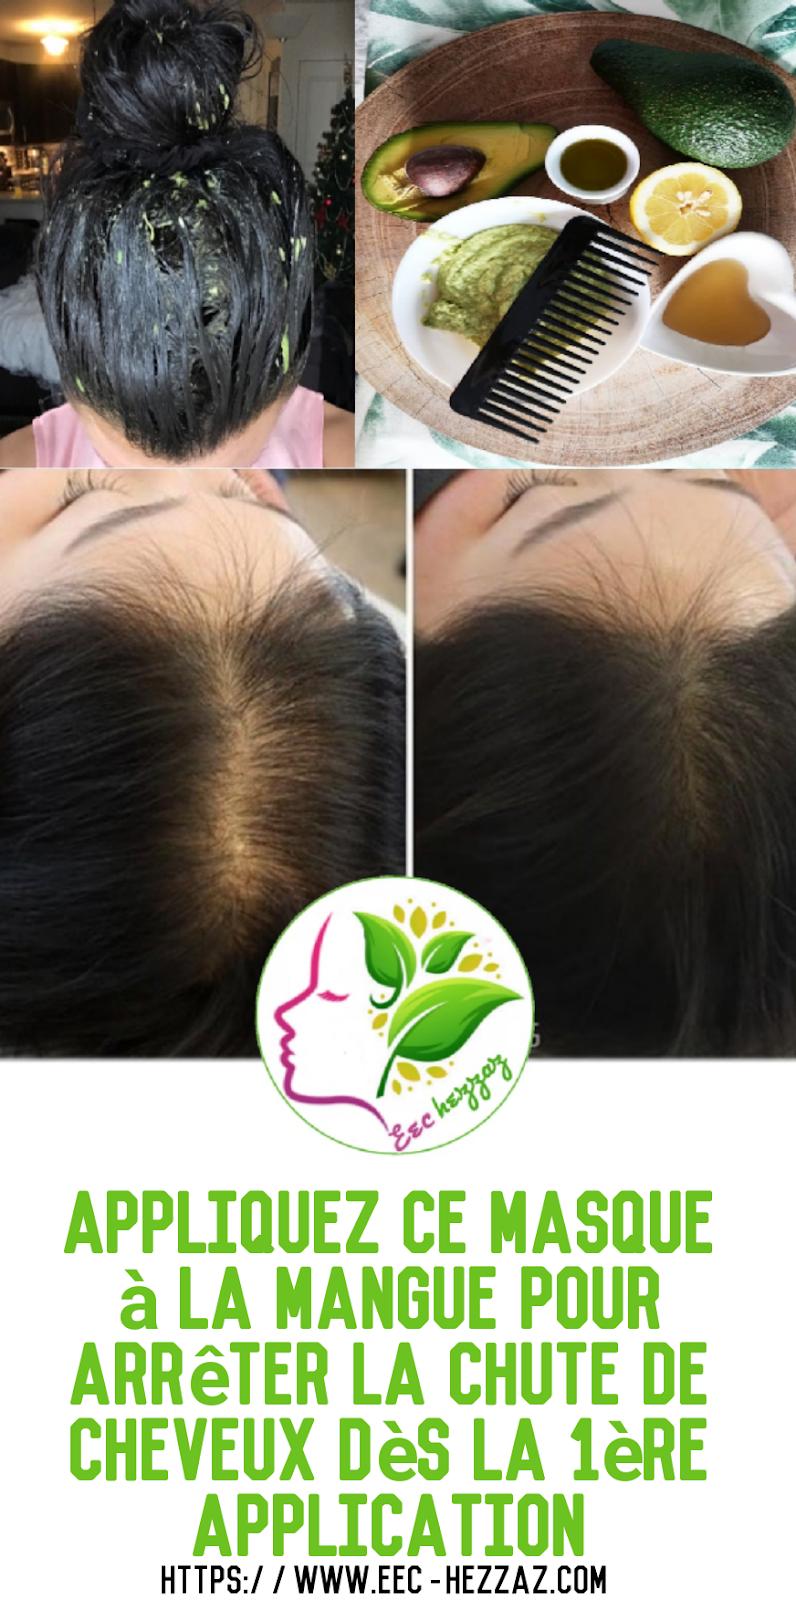 Appliquez ce masque à la mangue pour arrêter la chute de cheveux dès la 1ère application